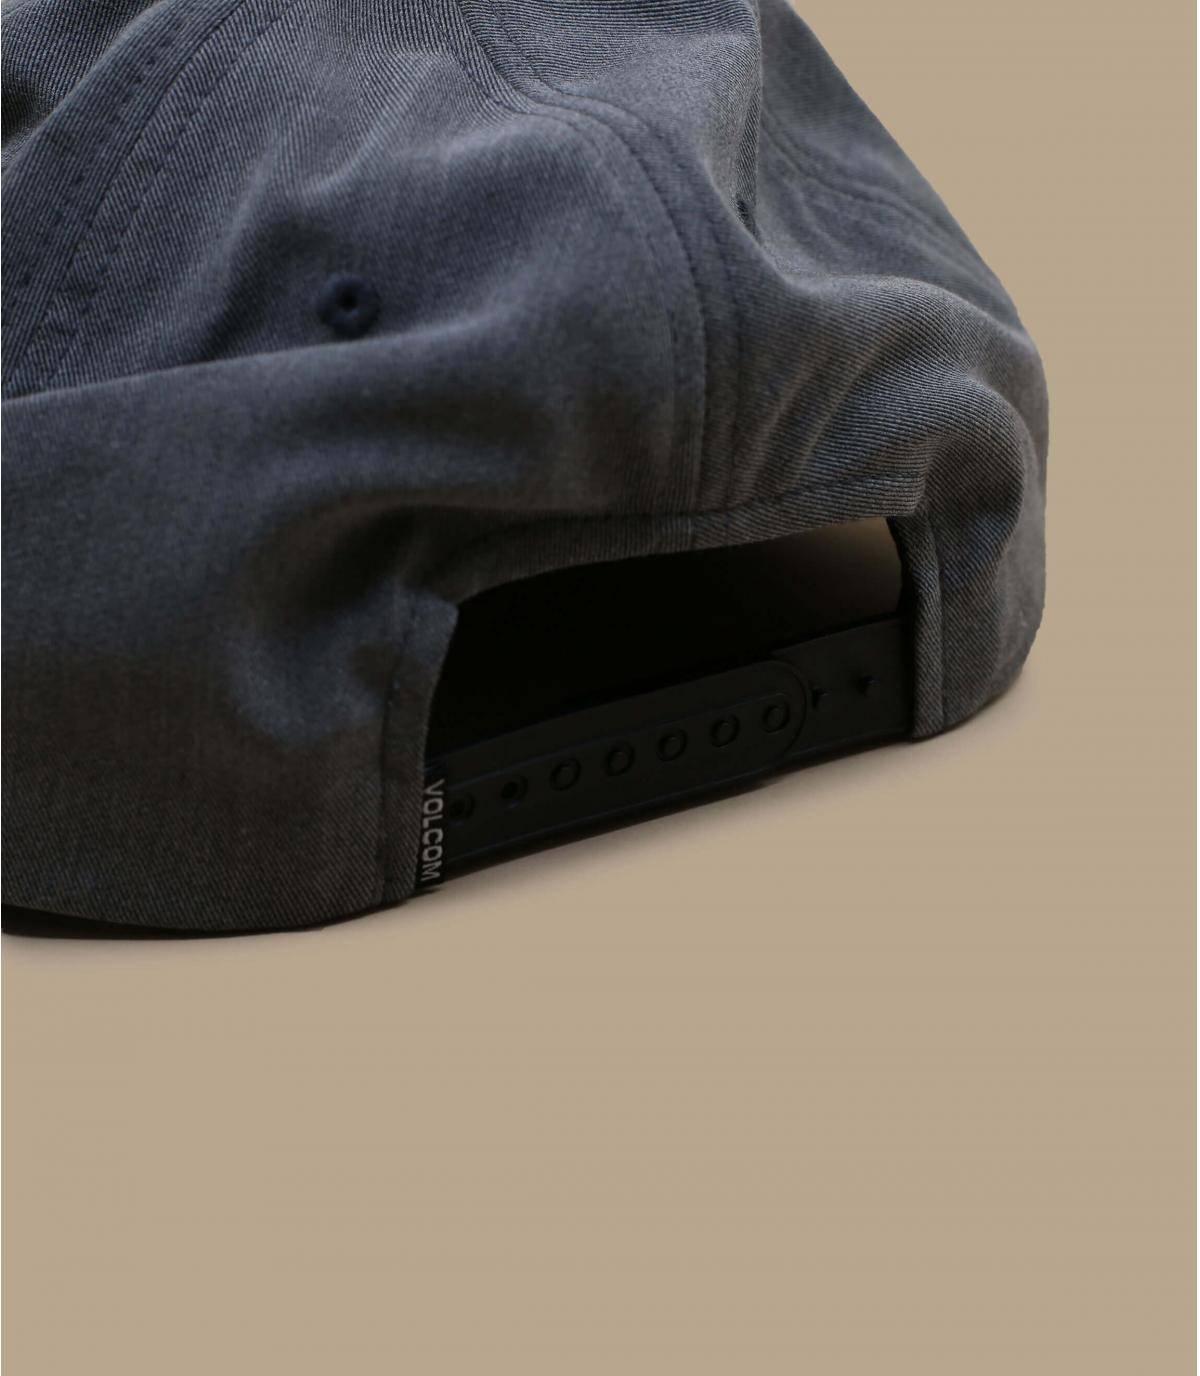 Details Quarter Fabric casterock - Abbildung 4